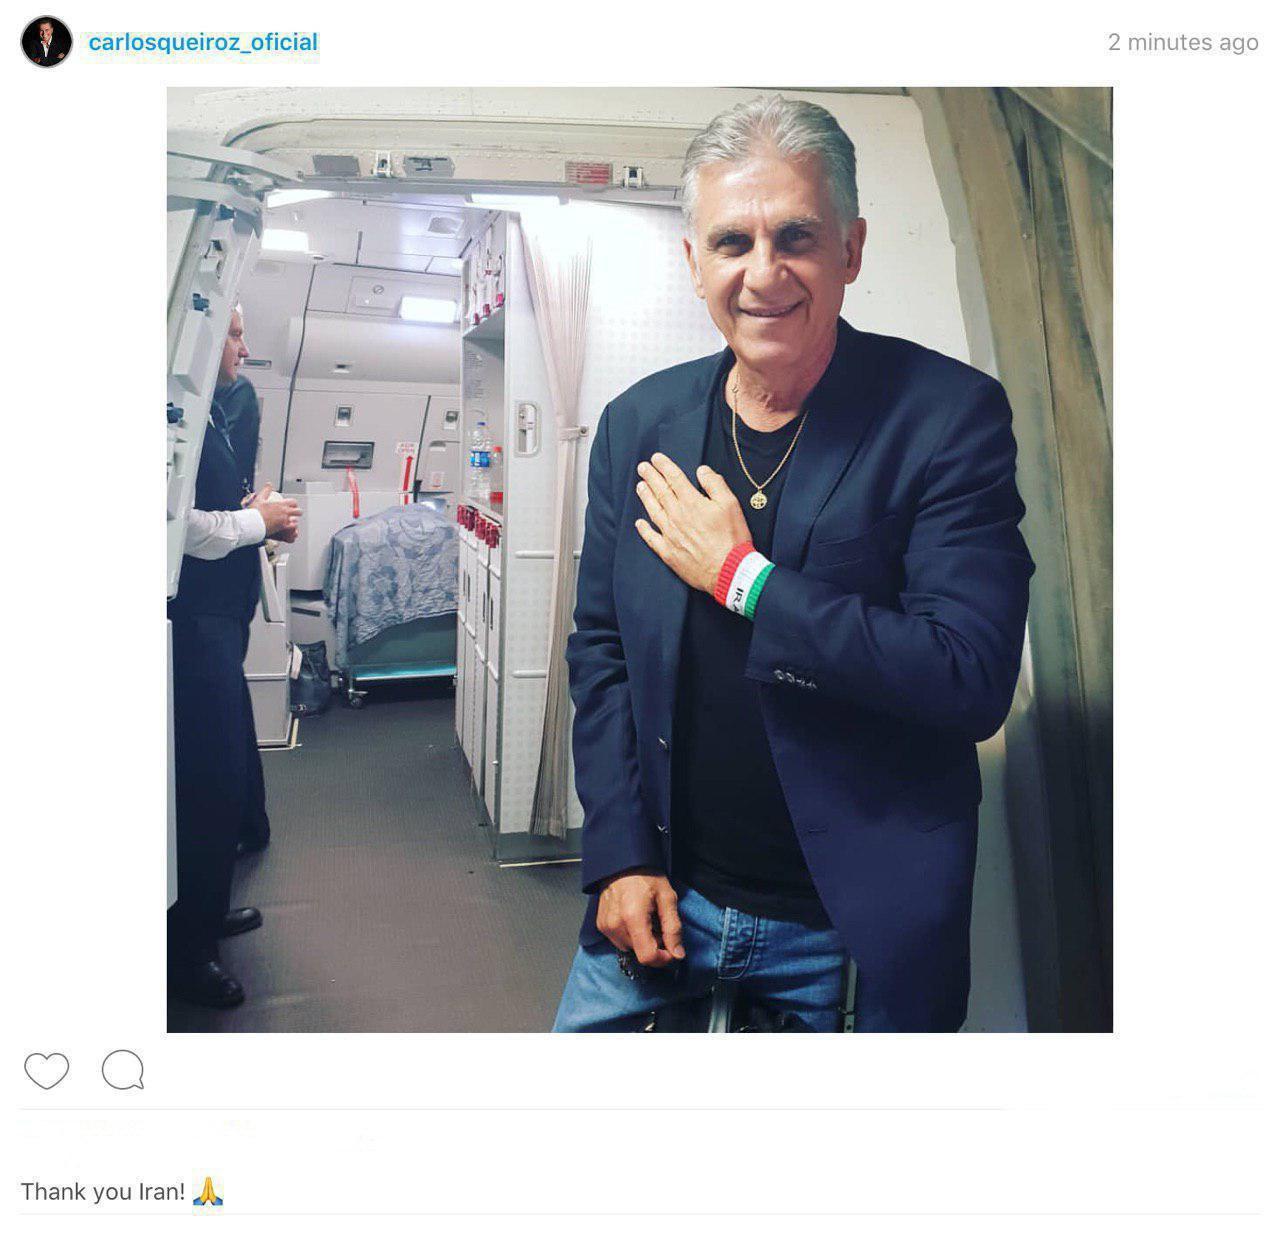 پست اینستاگرامی کی روش بعد از ترک ایران - 1